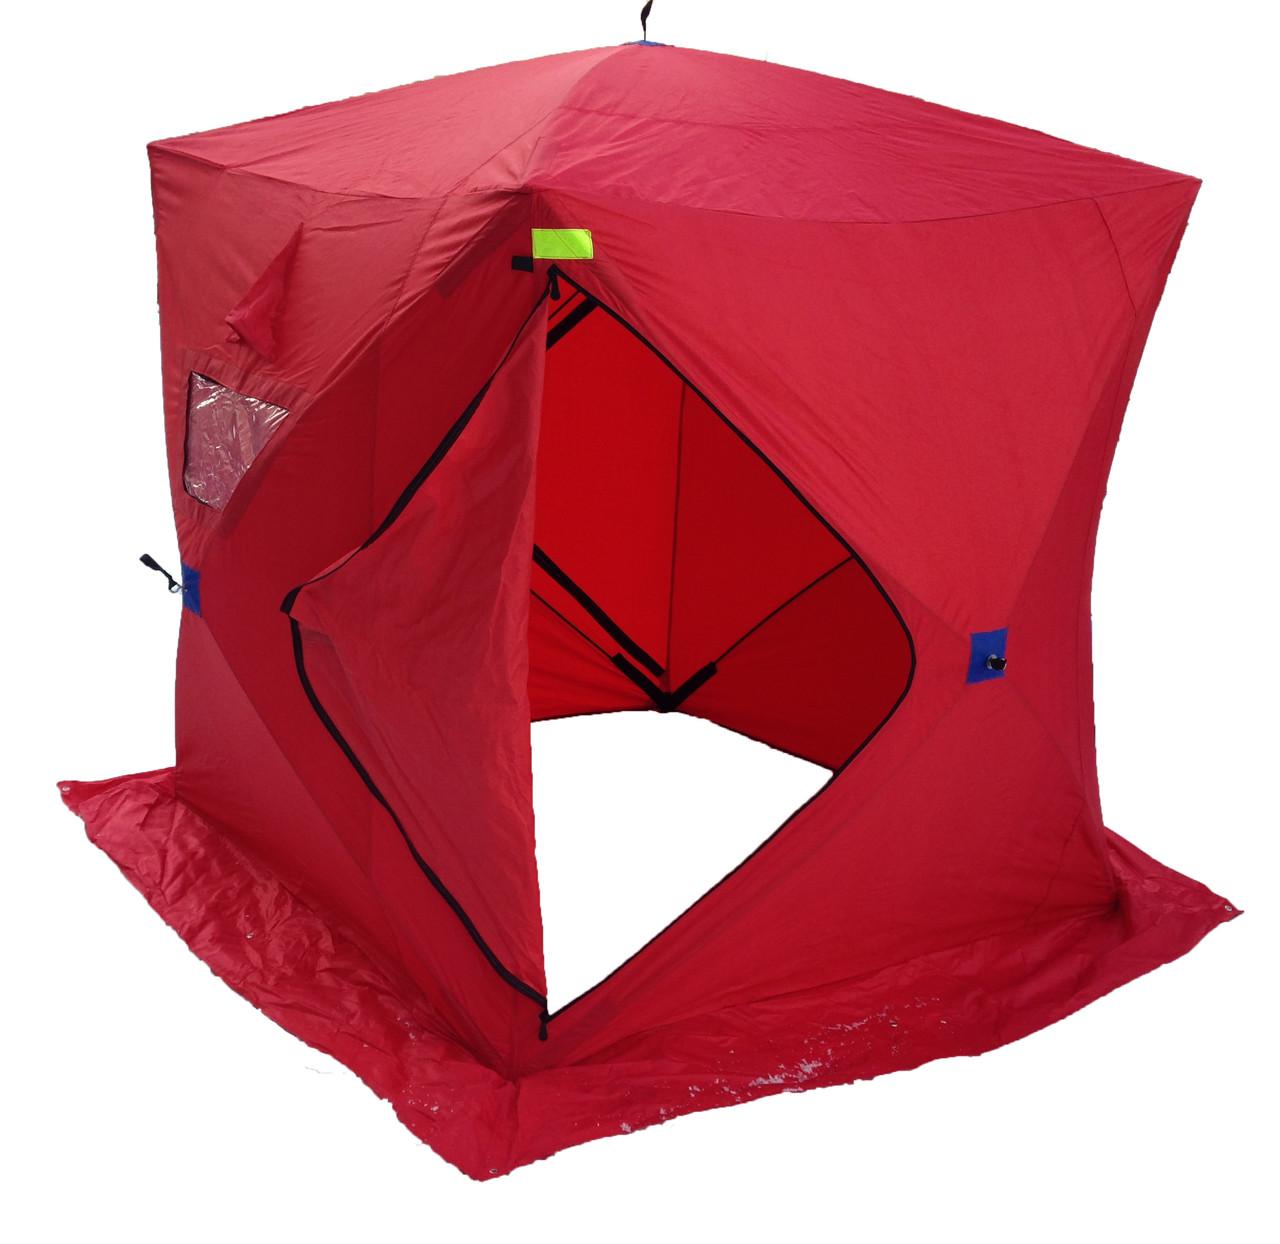 Палатка для рыбалки зимняя 420D КУБ 180 x180 и для бани - фото 1